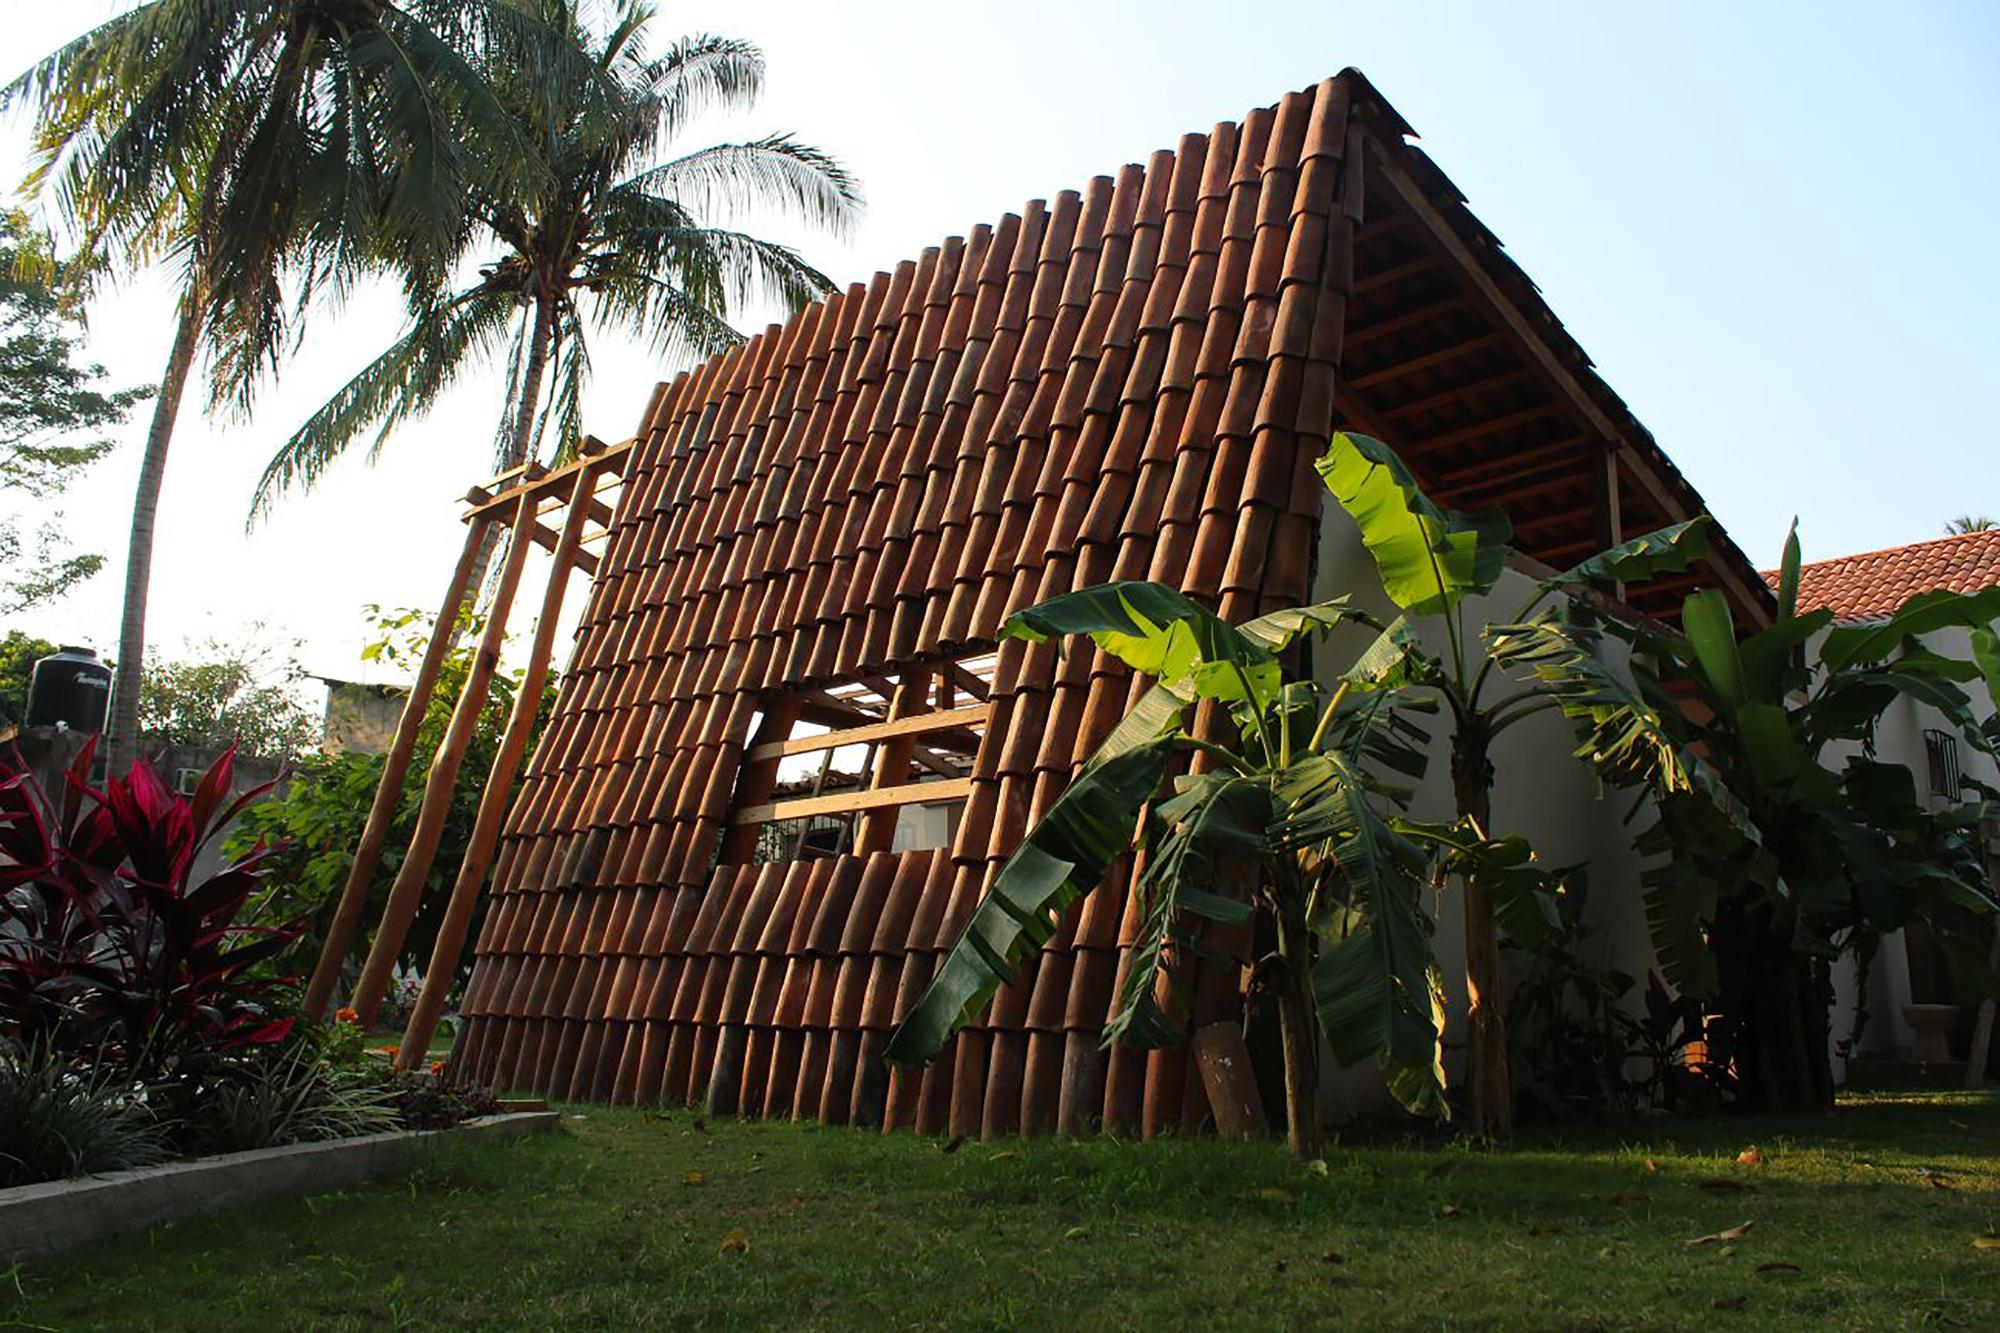 Casa jalapita dafdf arquitectura y urbanismo archdaily Arquitectura de desarrollo